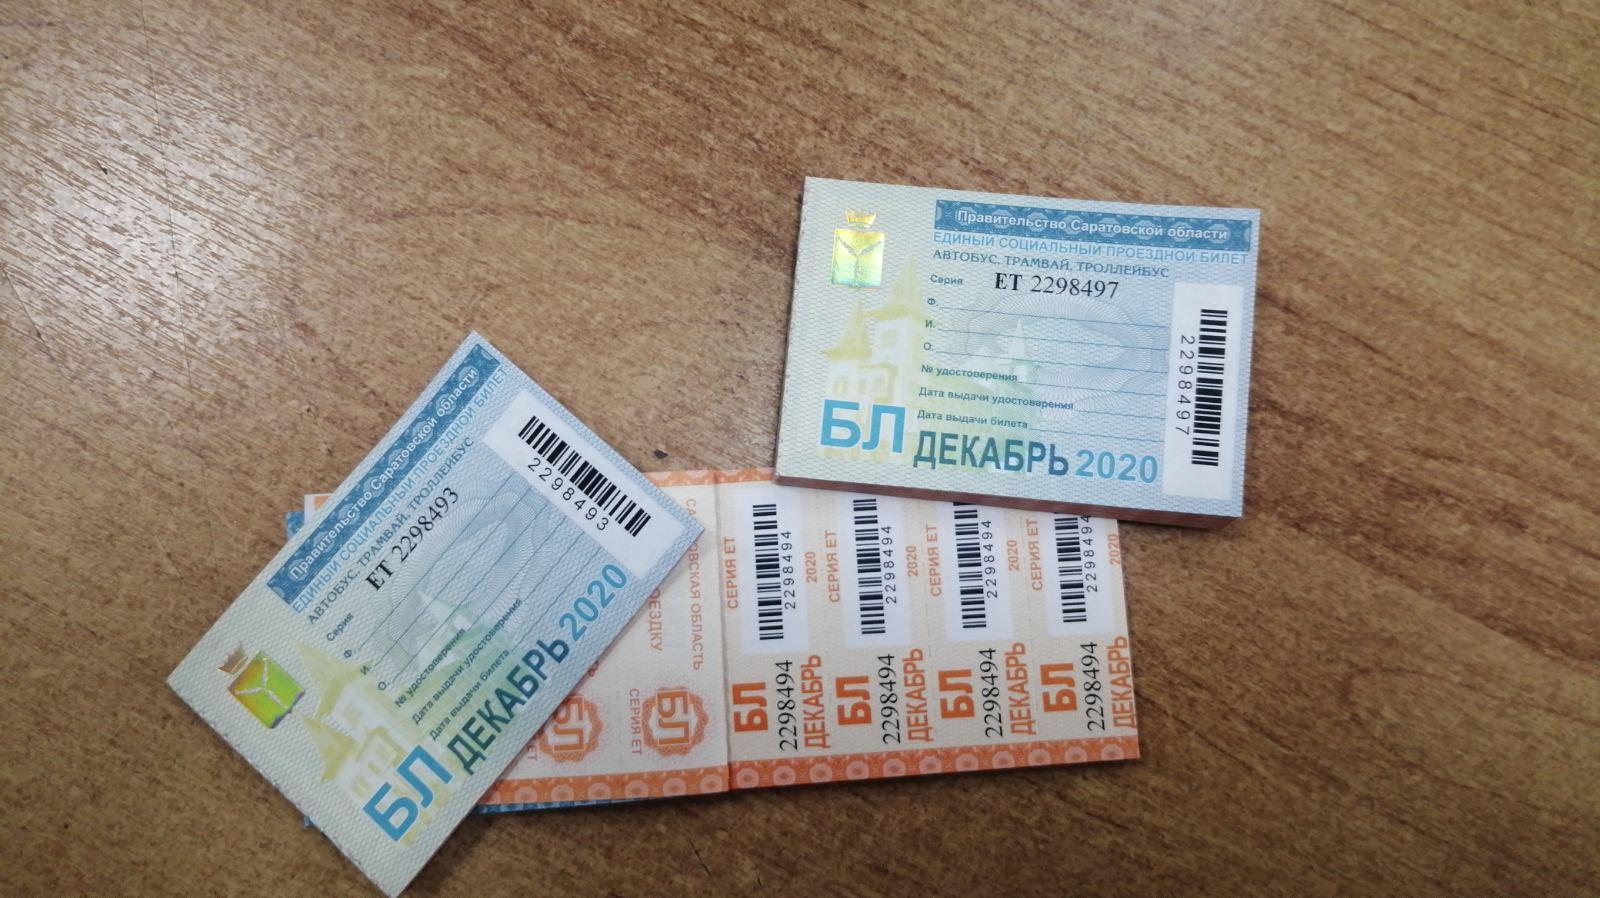 Управление социальной поддержки населения информирует граждан о выдаче единого социального проездного билета на декабрь